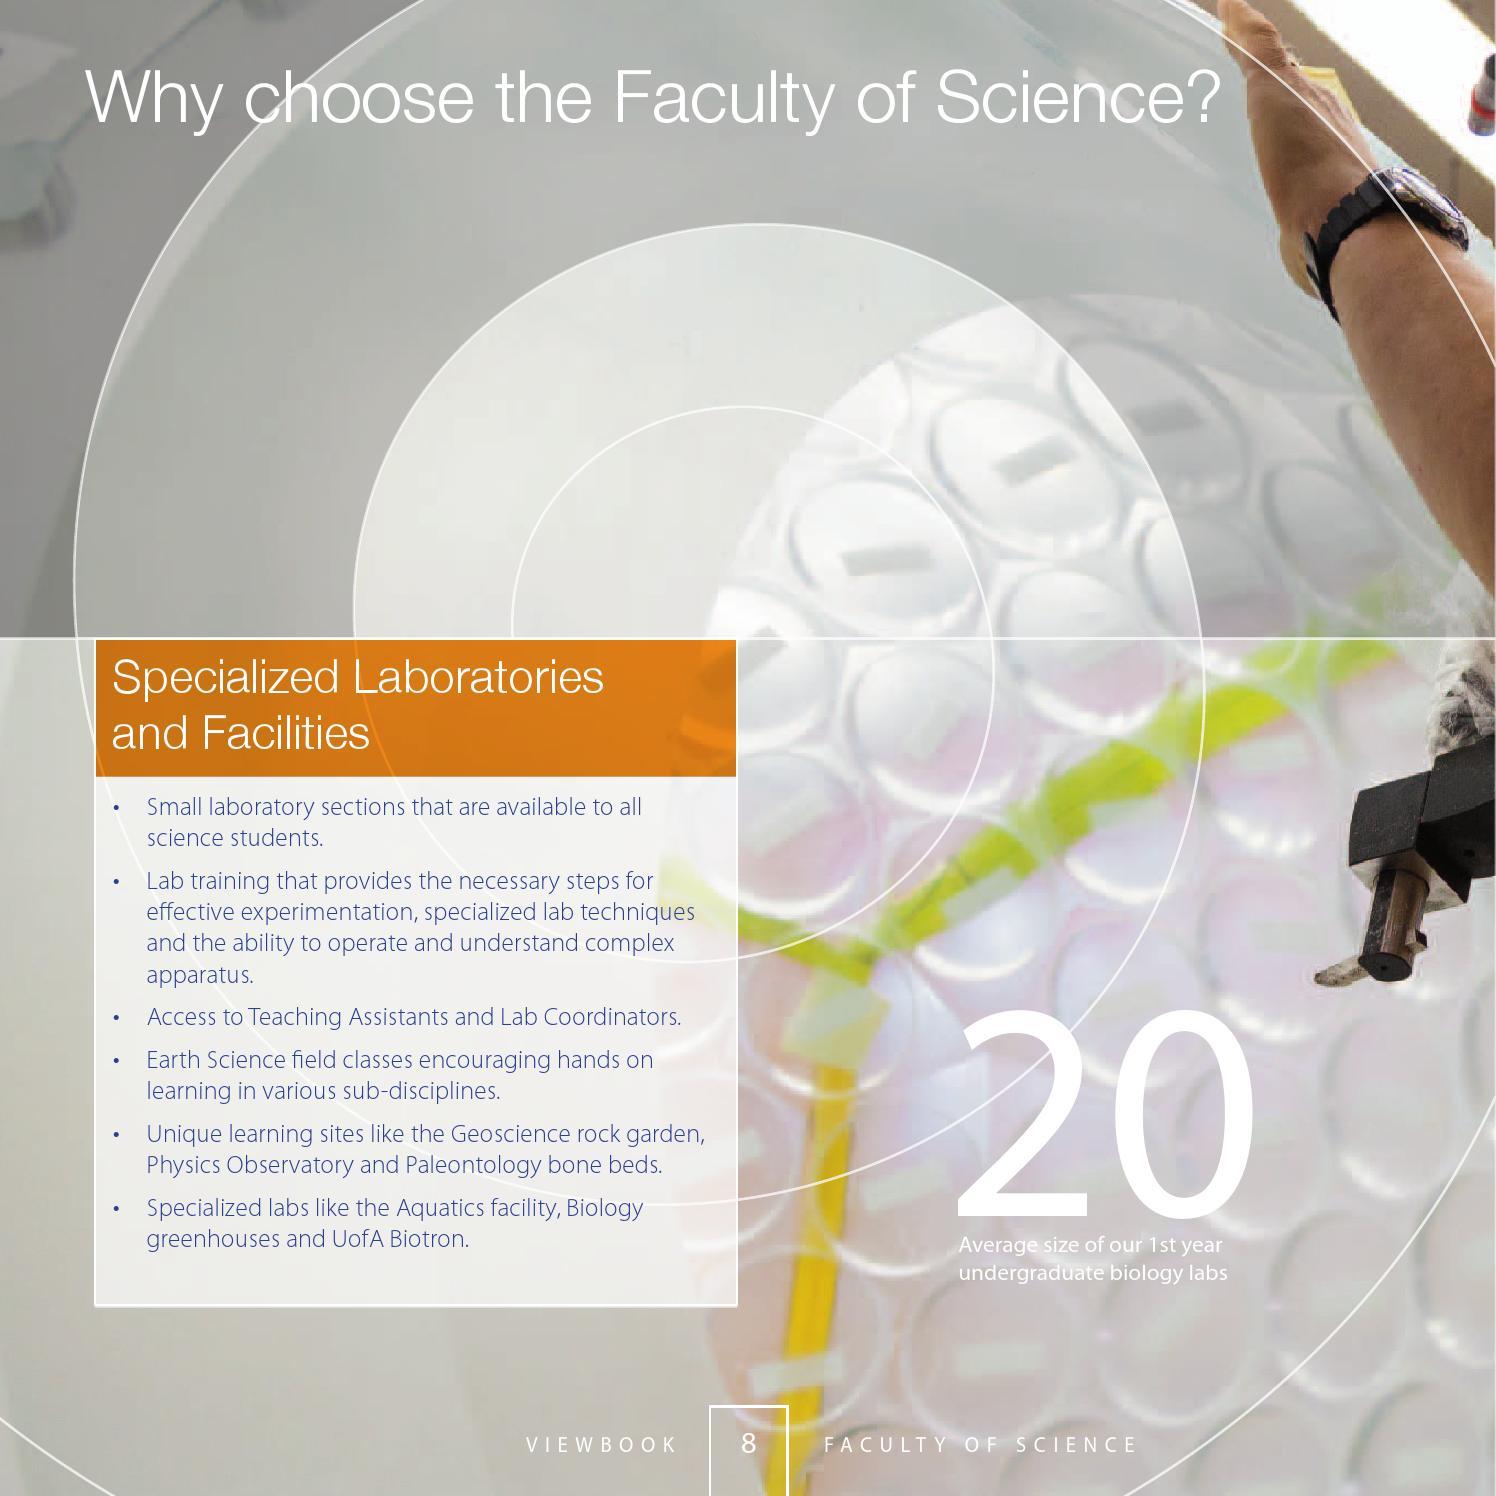 2016-2017 University of Alberta Faculty of Science Viewbook